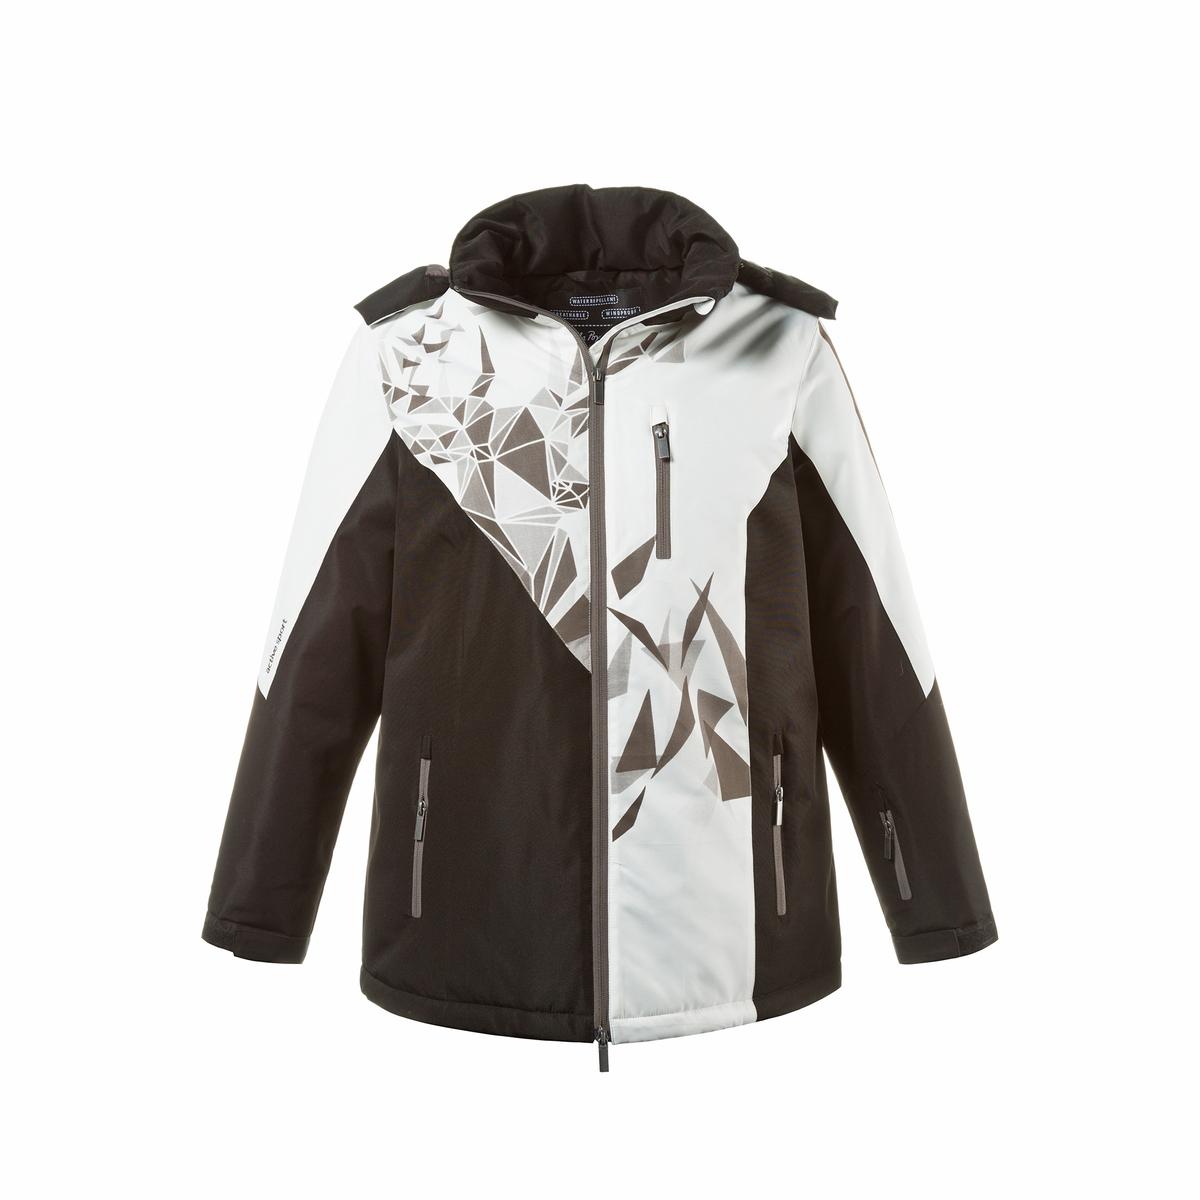 Куртка лыжнаяДвухцветная лыжная куртка, графический рисунок в виде оленя спереди. Три функции : защита от ветра, водоотталкивающая, дышащая. Капюшон на молнии, молния с двумя замками, 3 кармана на молнии, карман для ски-пасса на рукаве. Низ с завязкой на кулиске, длинные рукава с манжетами и планкой-велкро. Теплая подкладка, частично рифленая, практичные карманы. Длина в зависимости от размера. 74-82 см<br><br>Цвет: черный/ белый